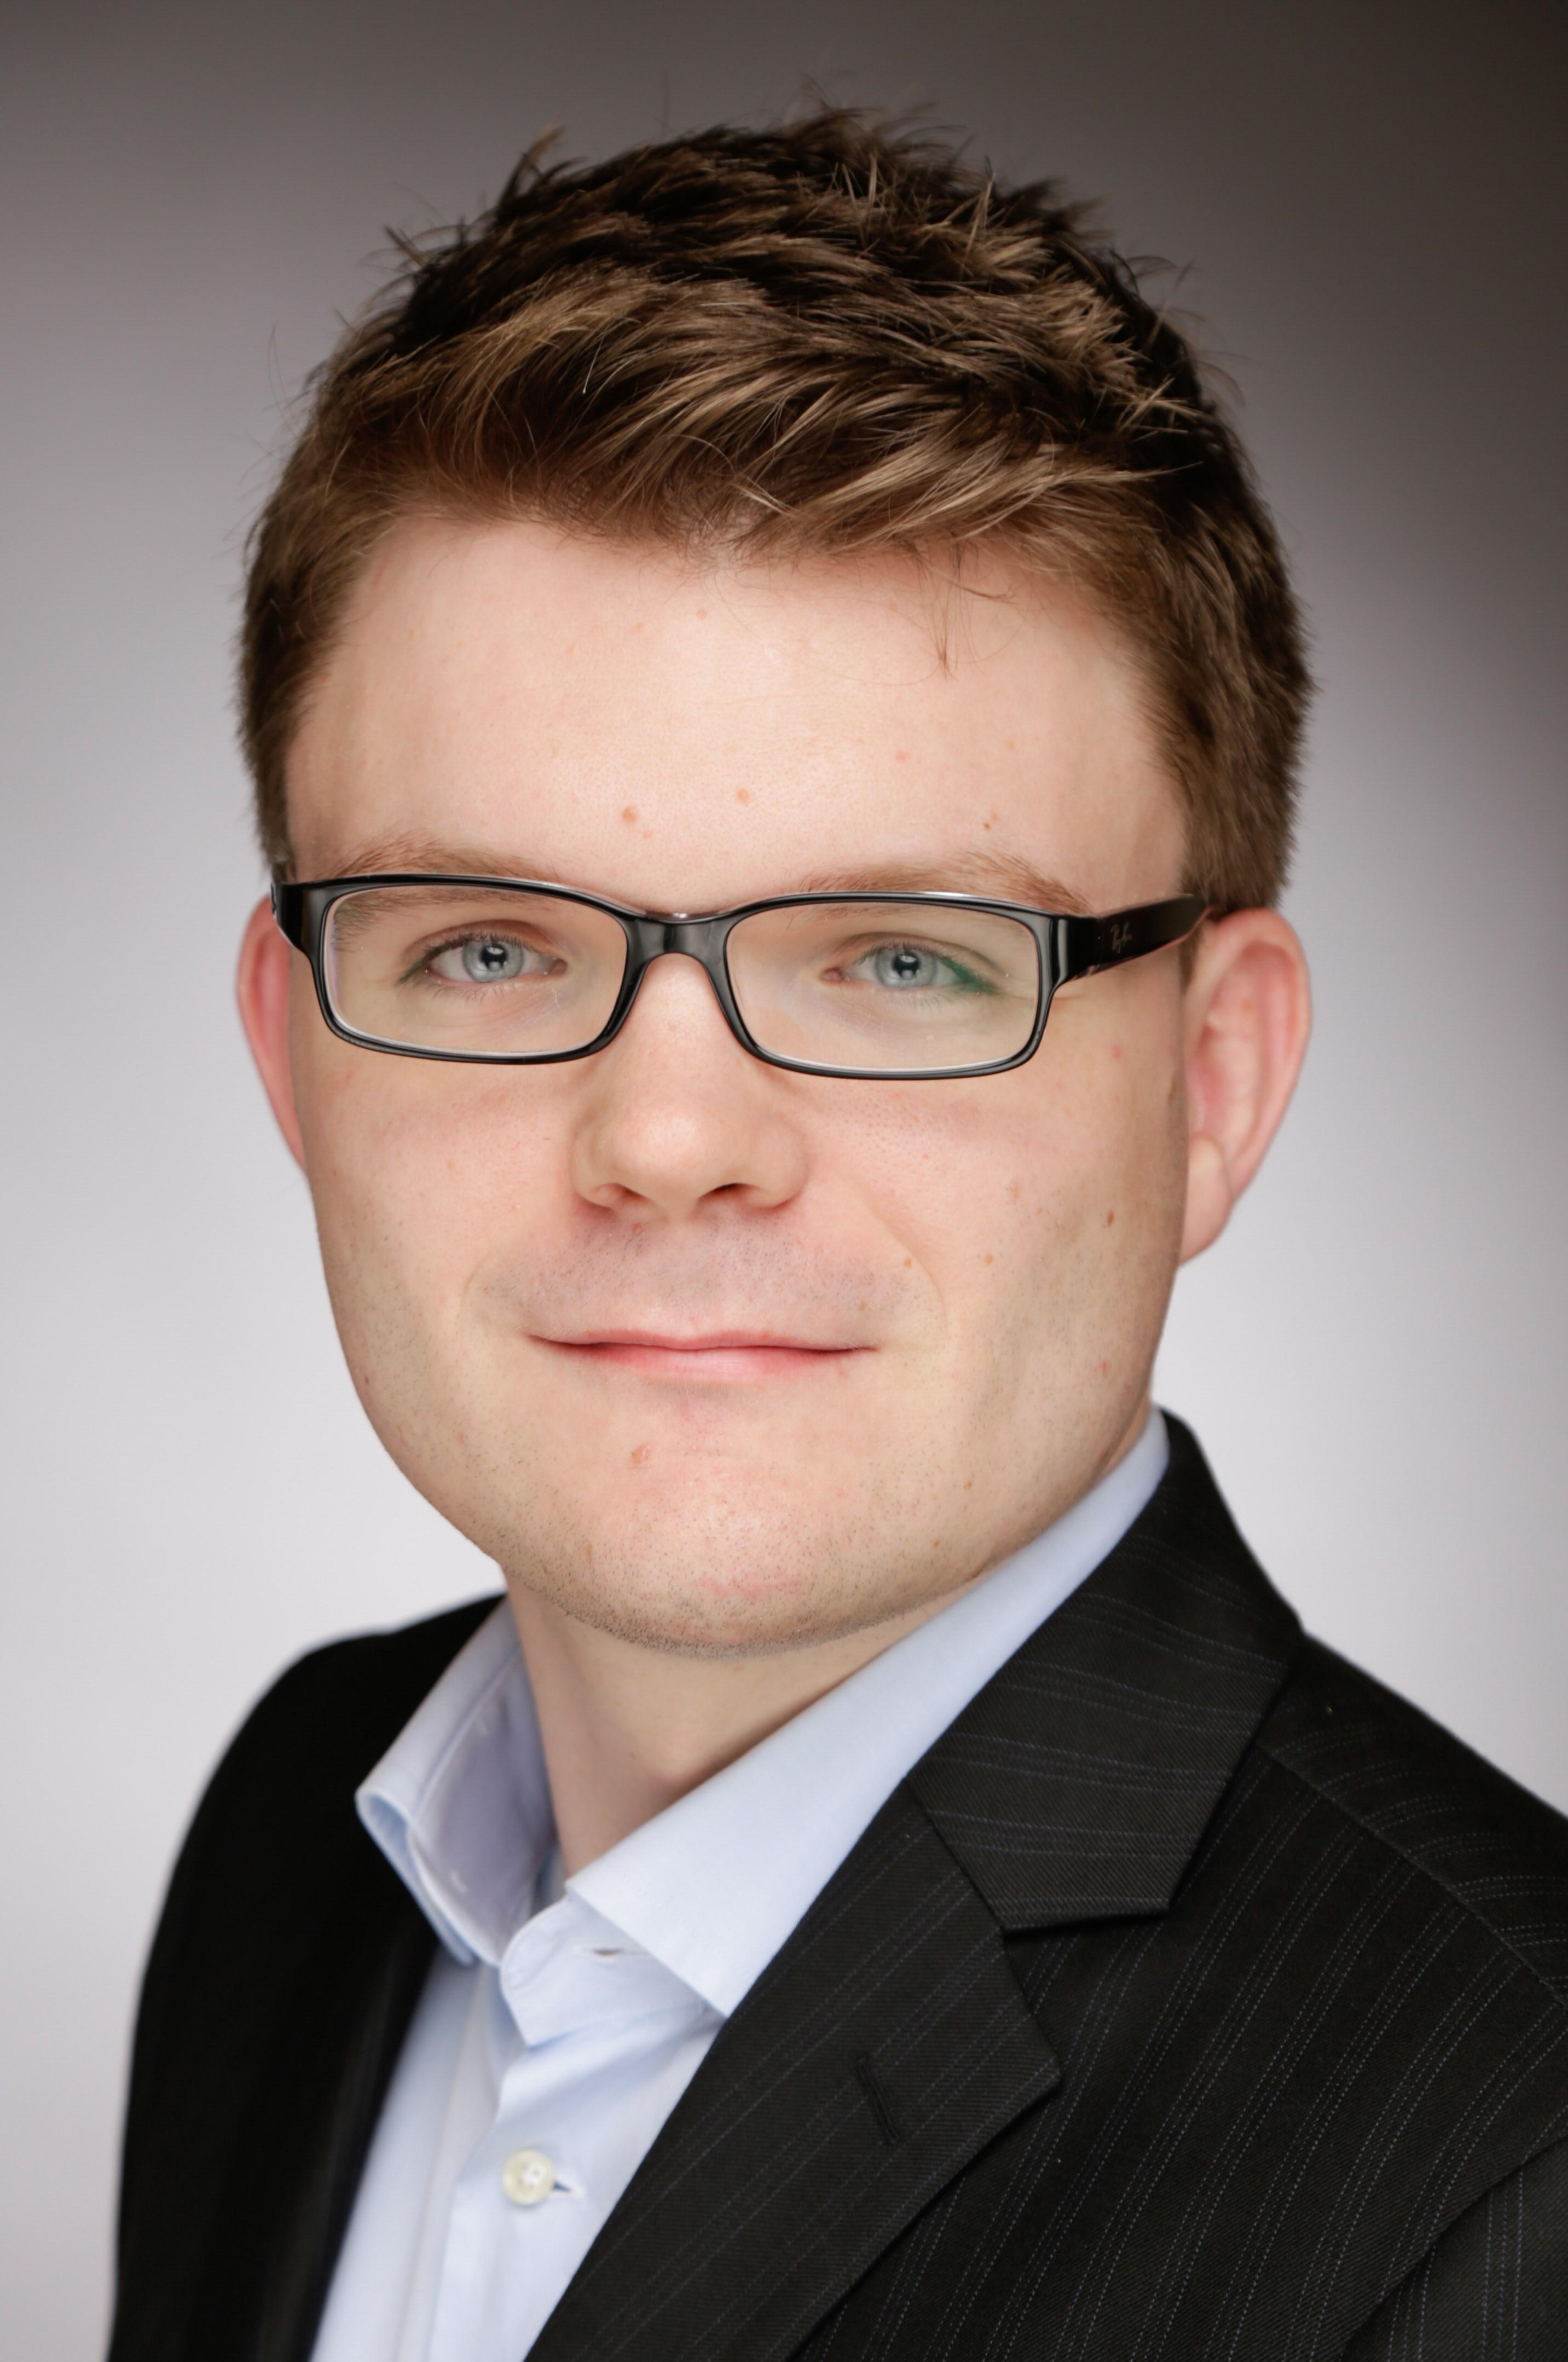 Jonas Seyfert